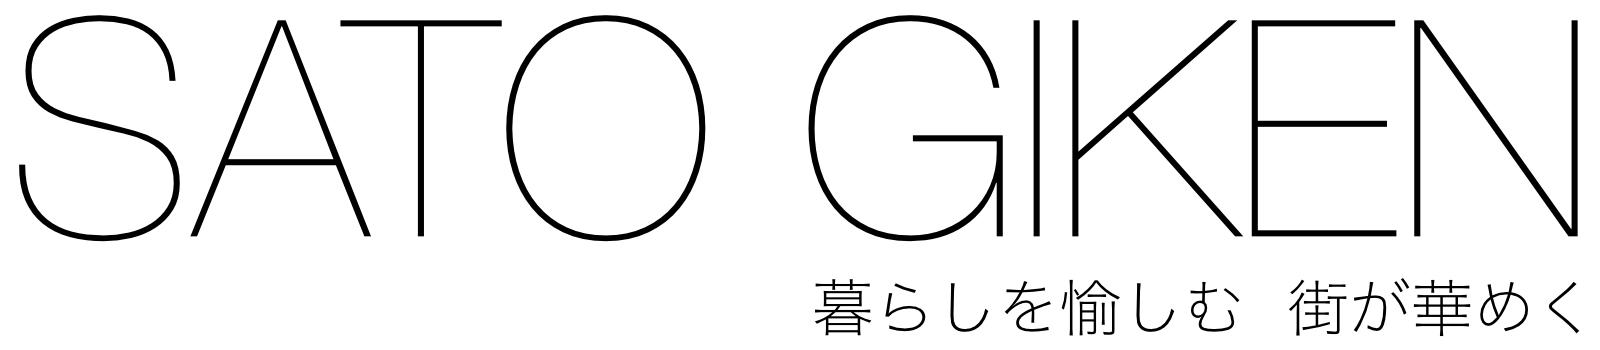 株式会社SATO GIKEN|富山、高岡、砺波で新築、リフォームならおまかせ下さい!